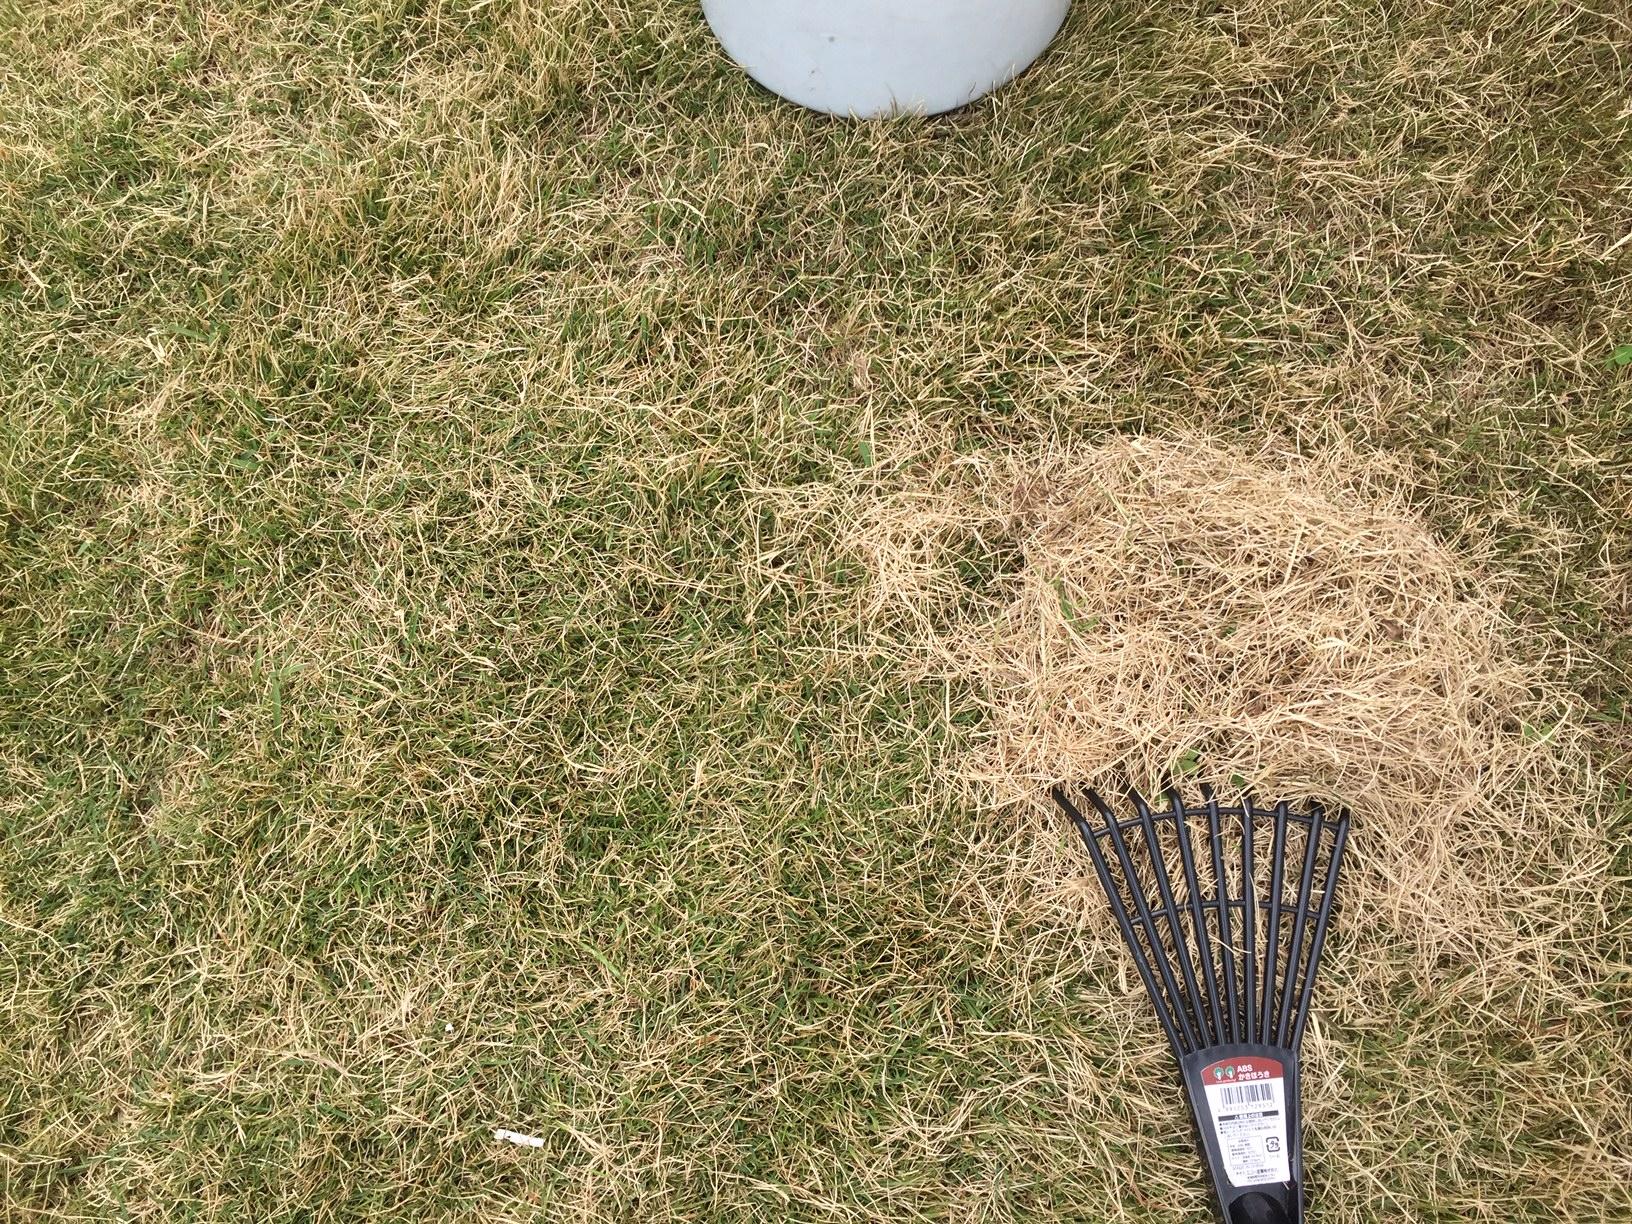 2020.05.03 芝生の状況(芝掃除&目土&肥料)